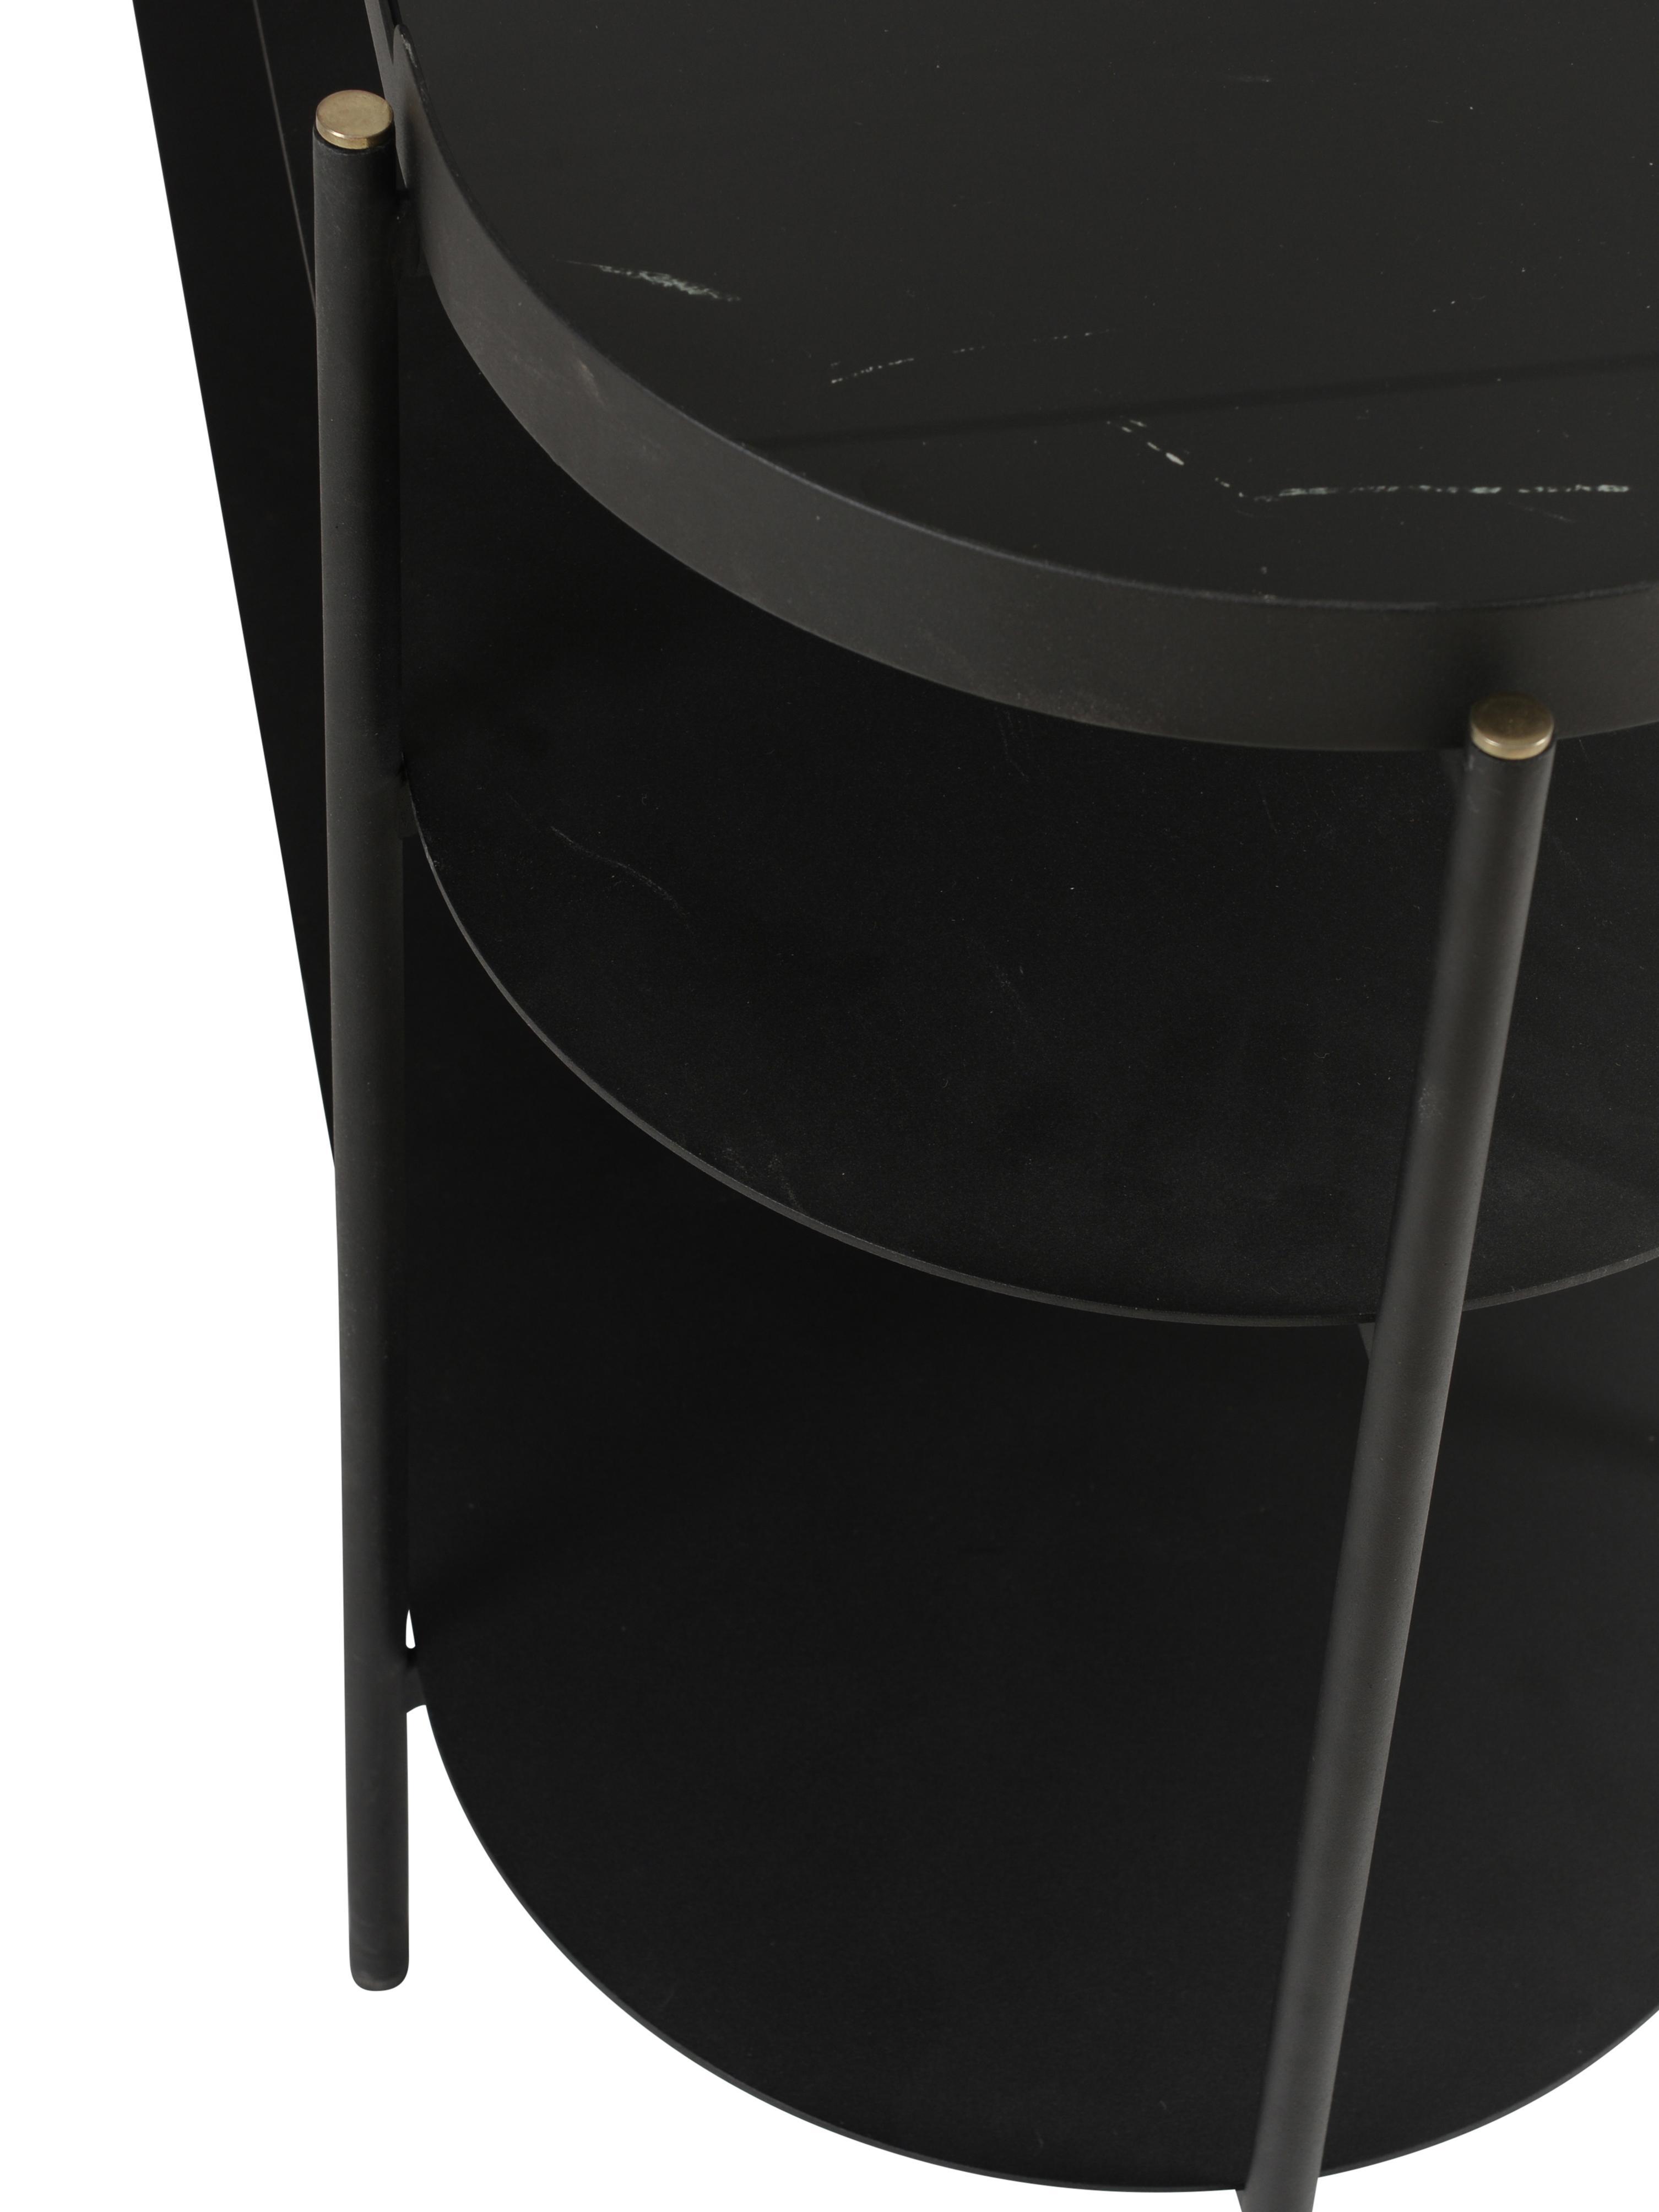 Consolle in nero marmorizzato Complice, Nero, marmo, Larg. 140 x Prof. 38 cm